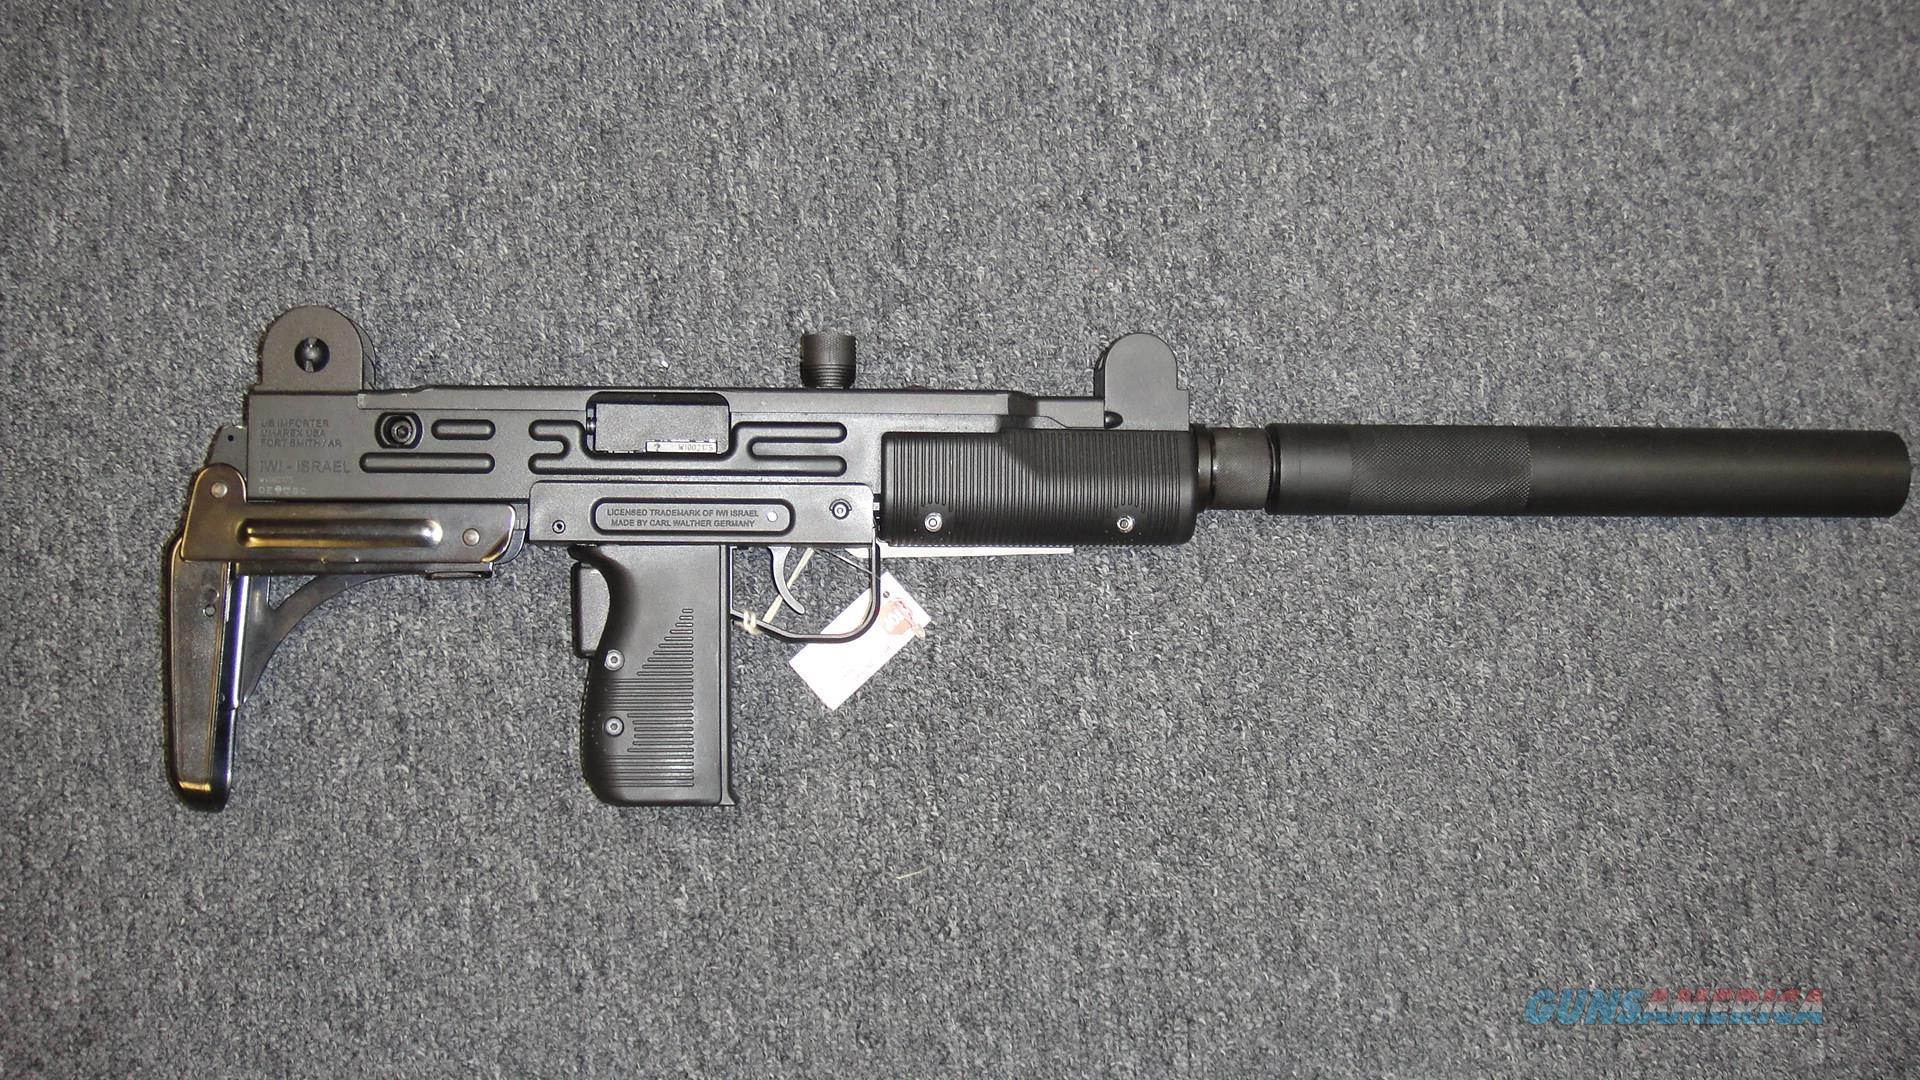 IWI/Walther Uzi .22LR Rifle  Guns > Rifles > IWI Rifles